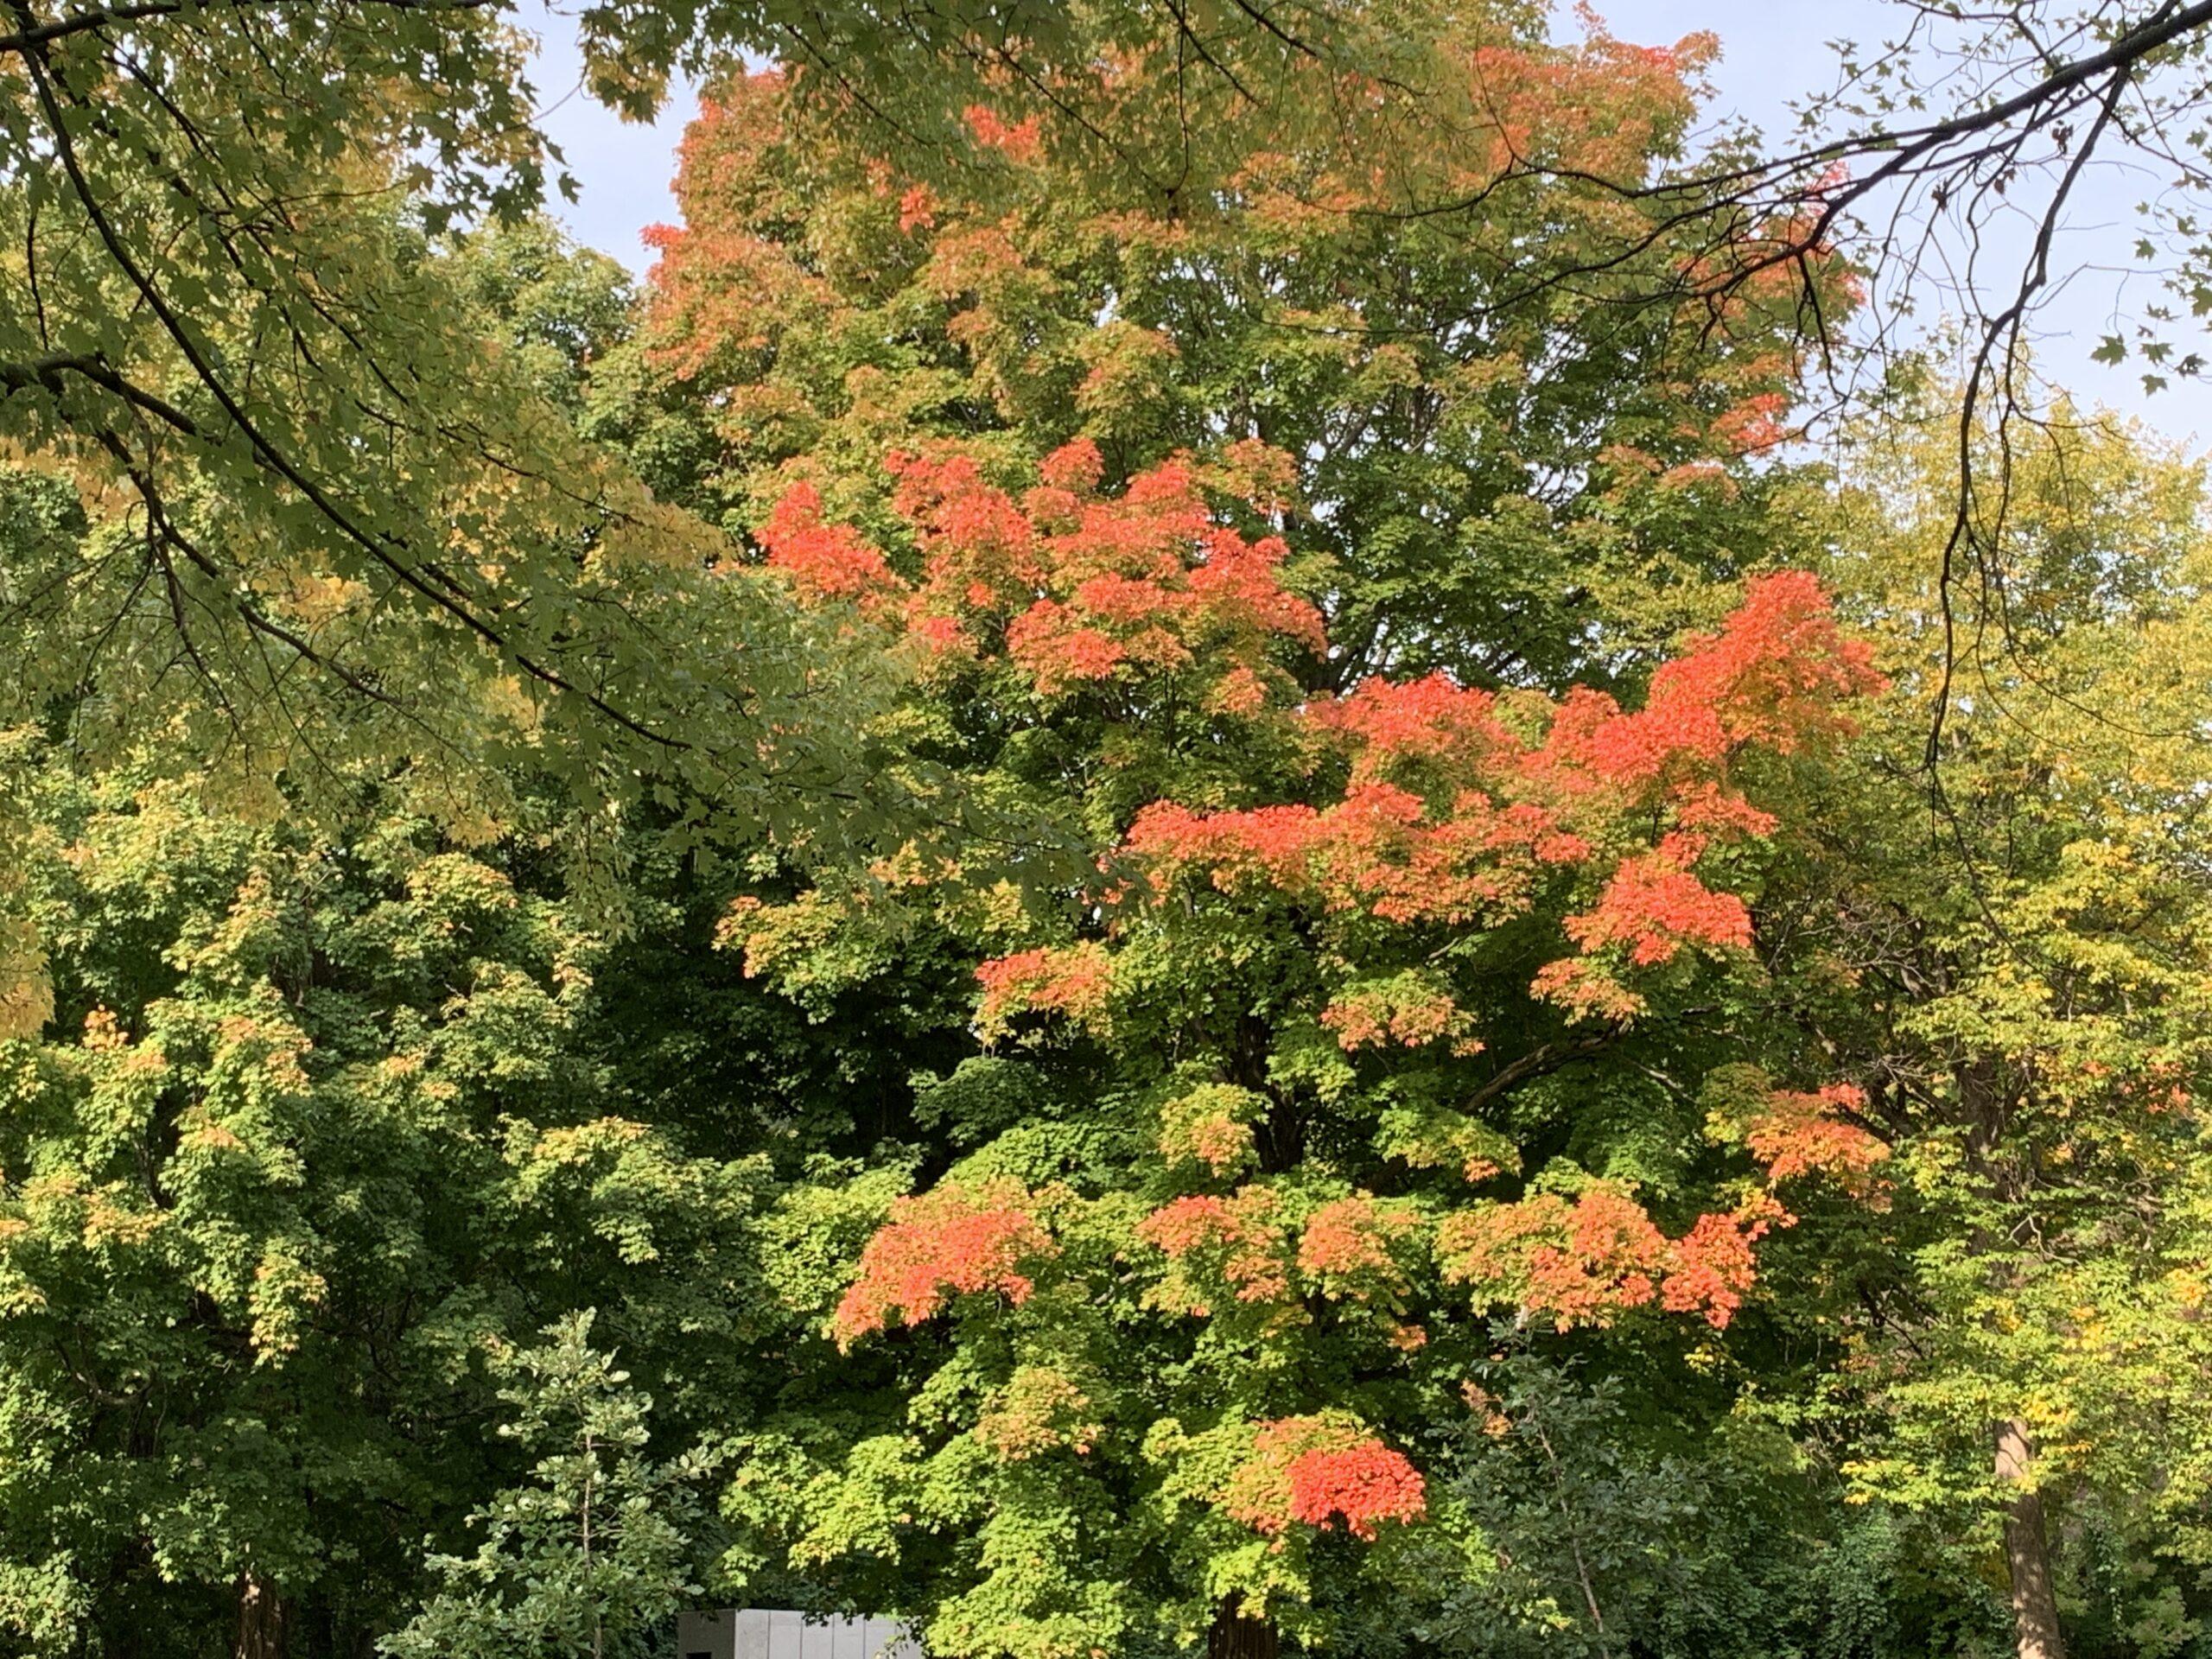 莫让最美的秋天从指缝间溜走!《秋之韵视频大赛》邀您一起赏枫追秋嗨起来